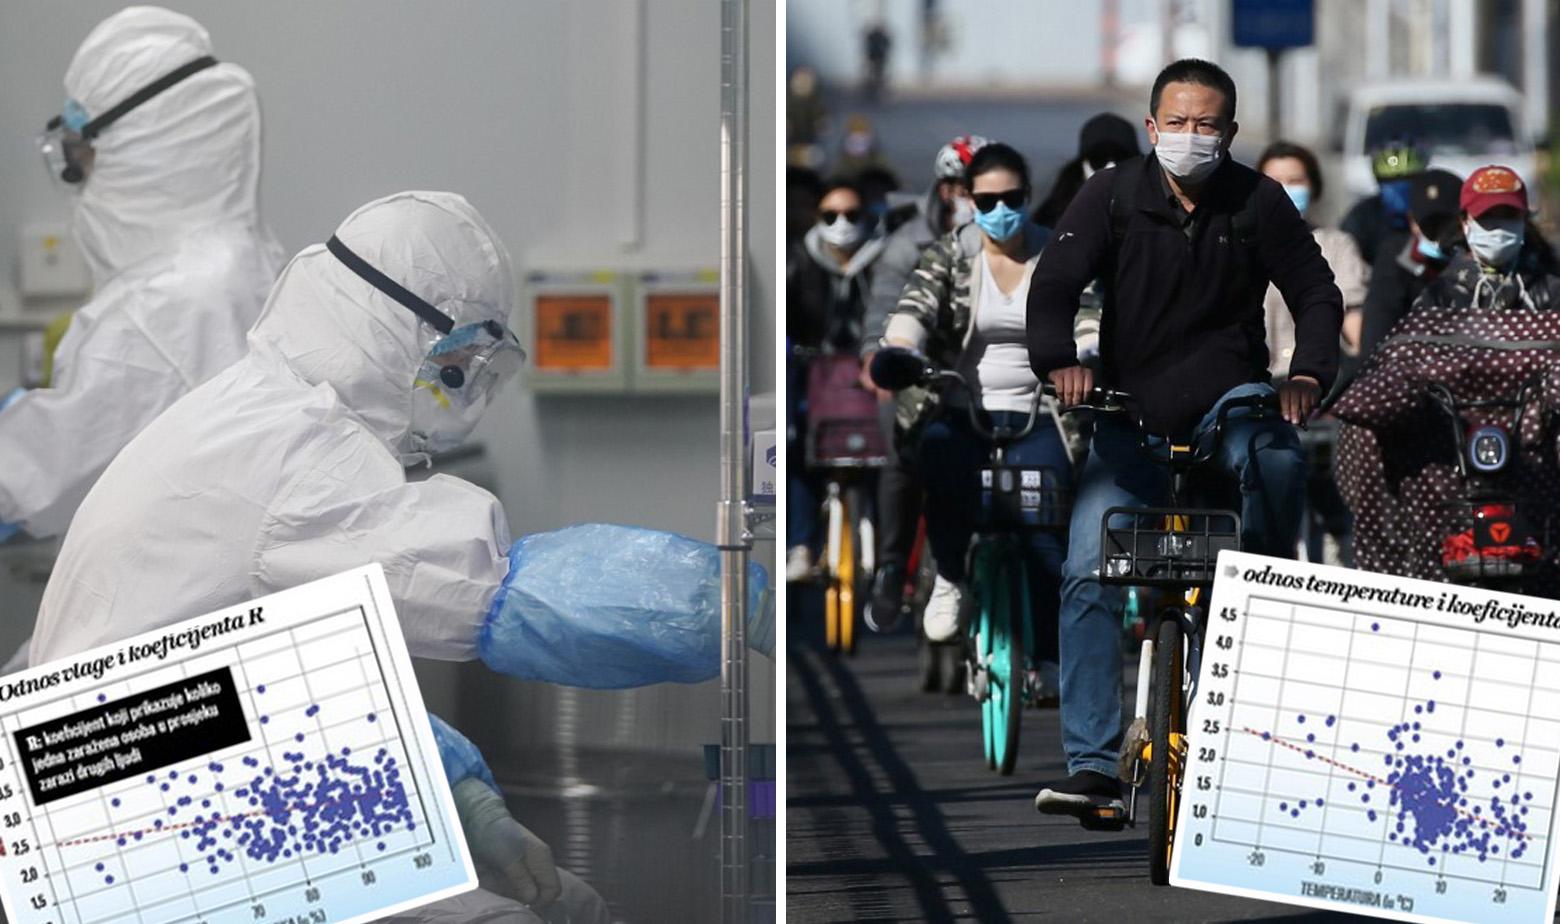 Prizori iz Kine i graf koji pokazuje utjecaj temperature i vlage na širenje virusa